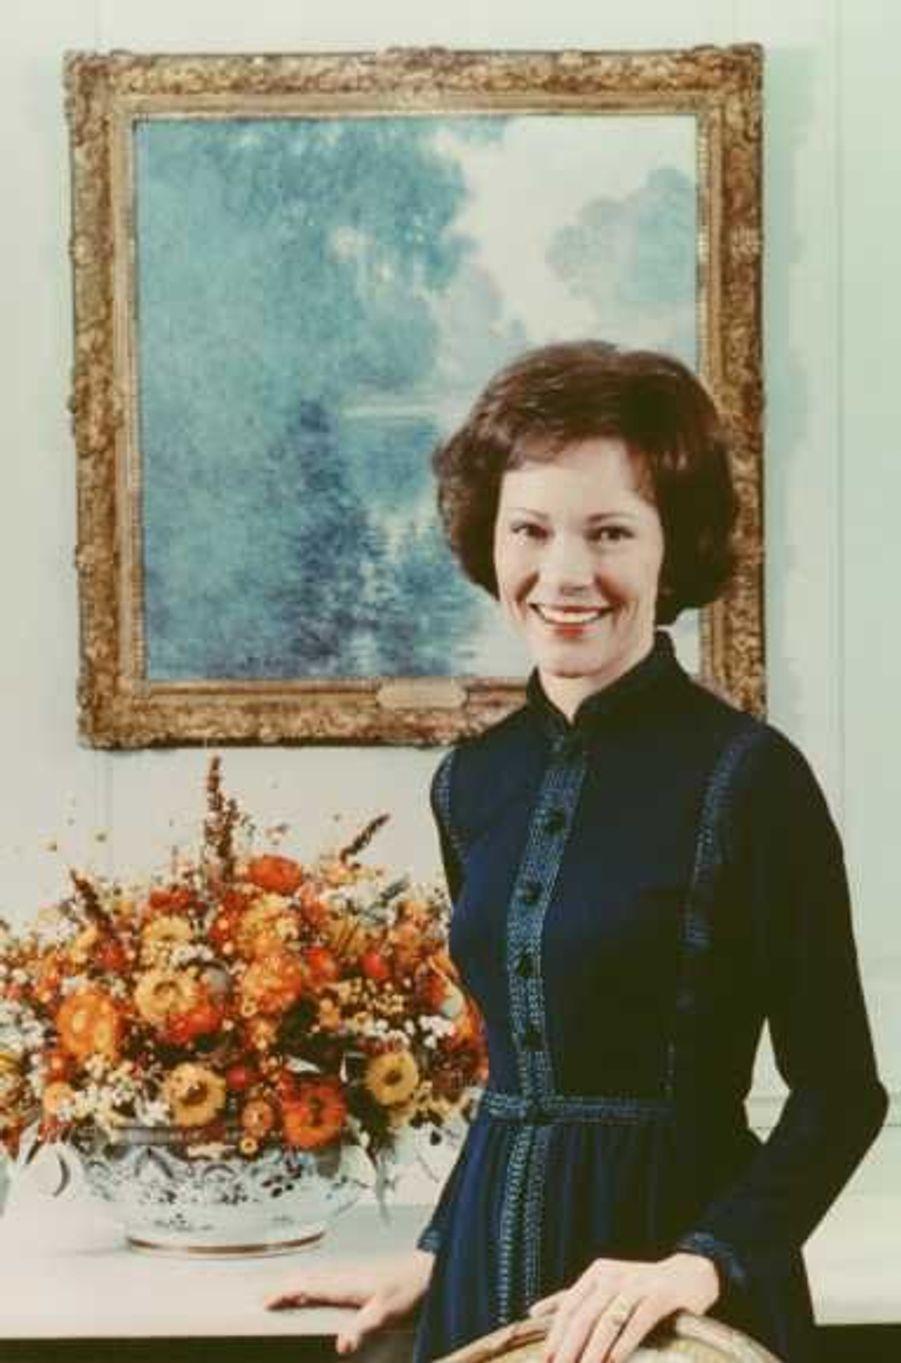 Première dame du 20 janvier 1977 au 20 janvier 1981